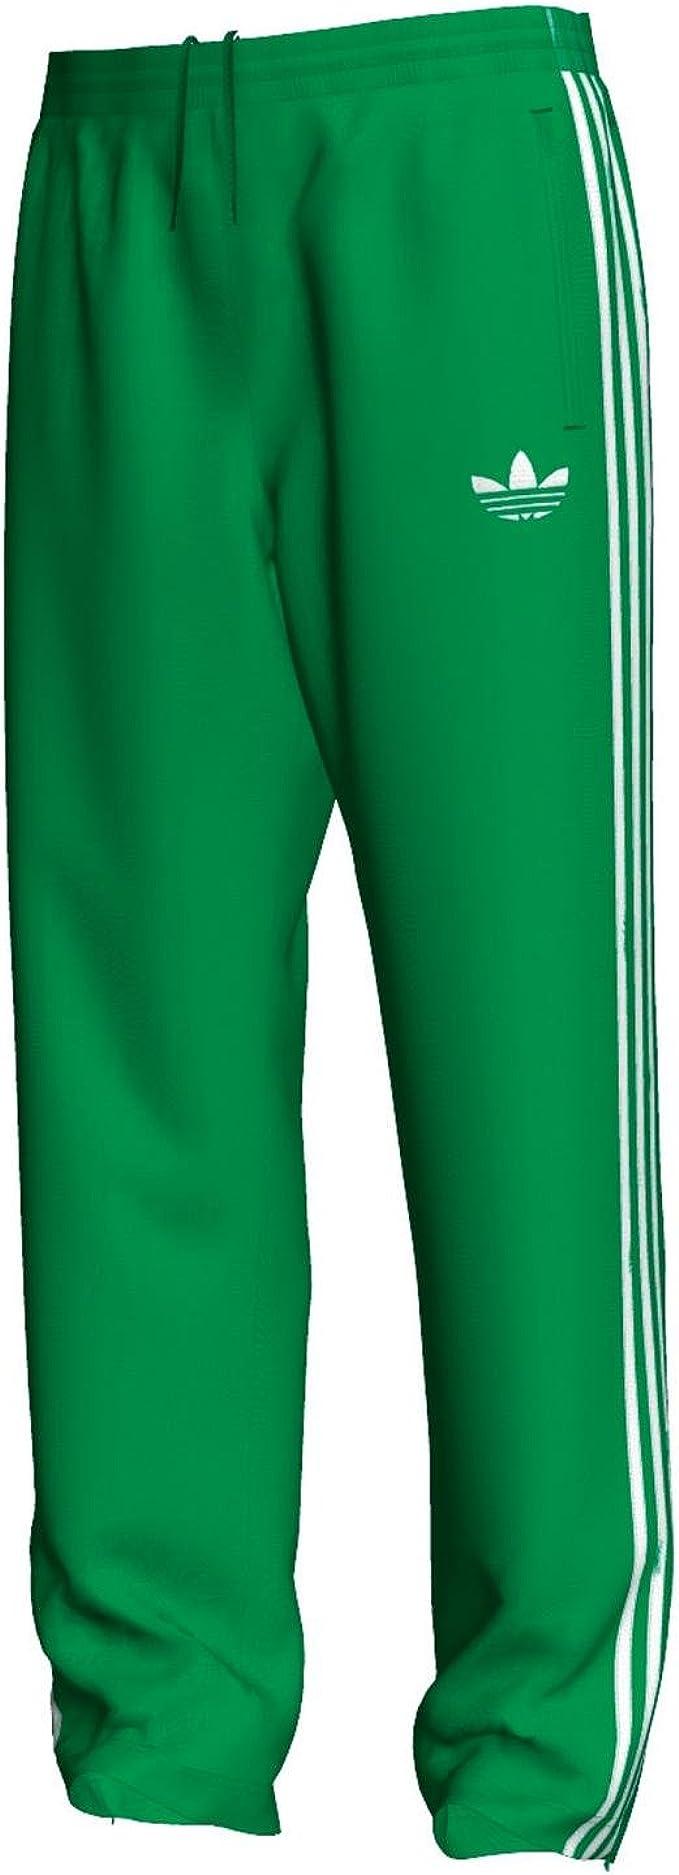 adidas Firebird e14641 – Pantalón de chándal para Hombre ...